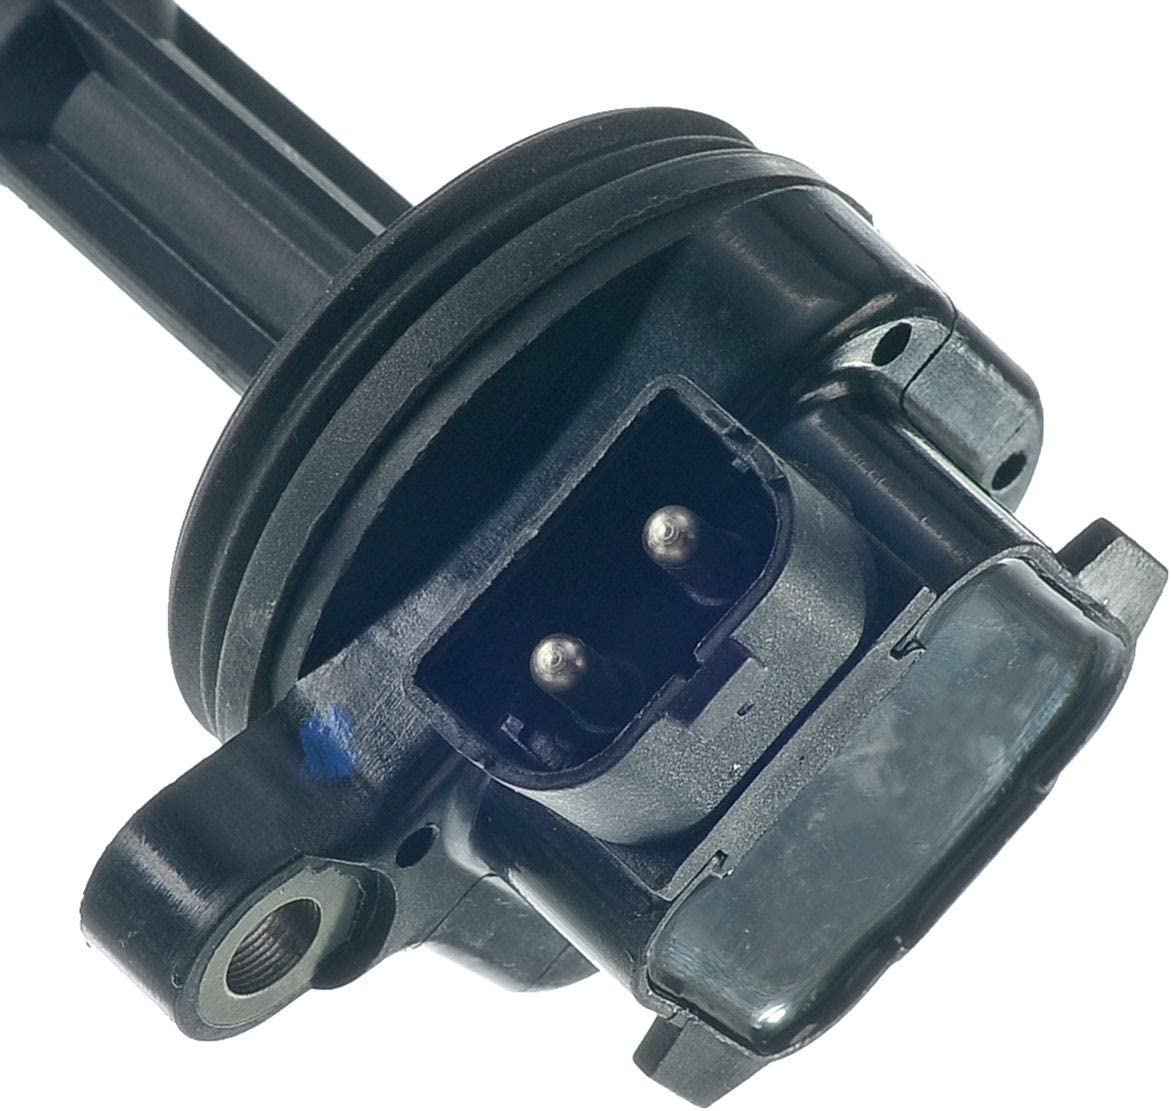 Ignition Coil Ignition Module Ignition Unit for 960 964 945 S90 V90 I6 2.5L 2.9L 1990-1998 1275971